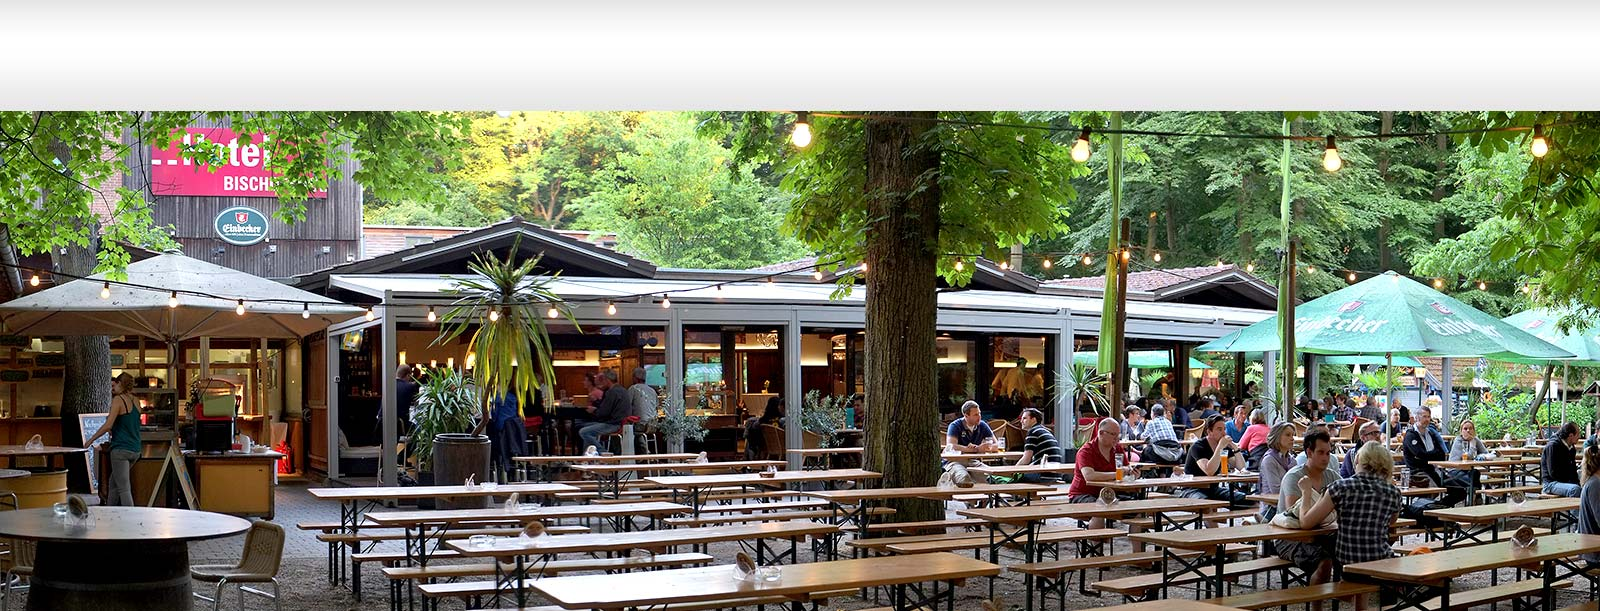 Biergarten Hannover 2